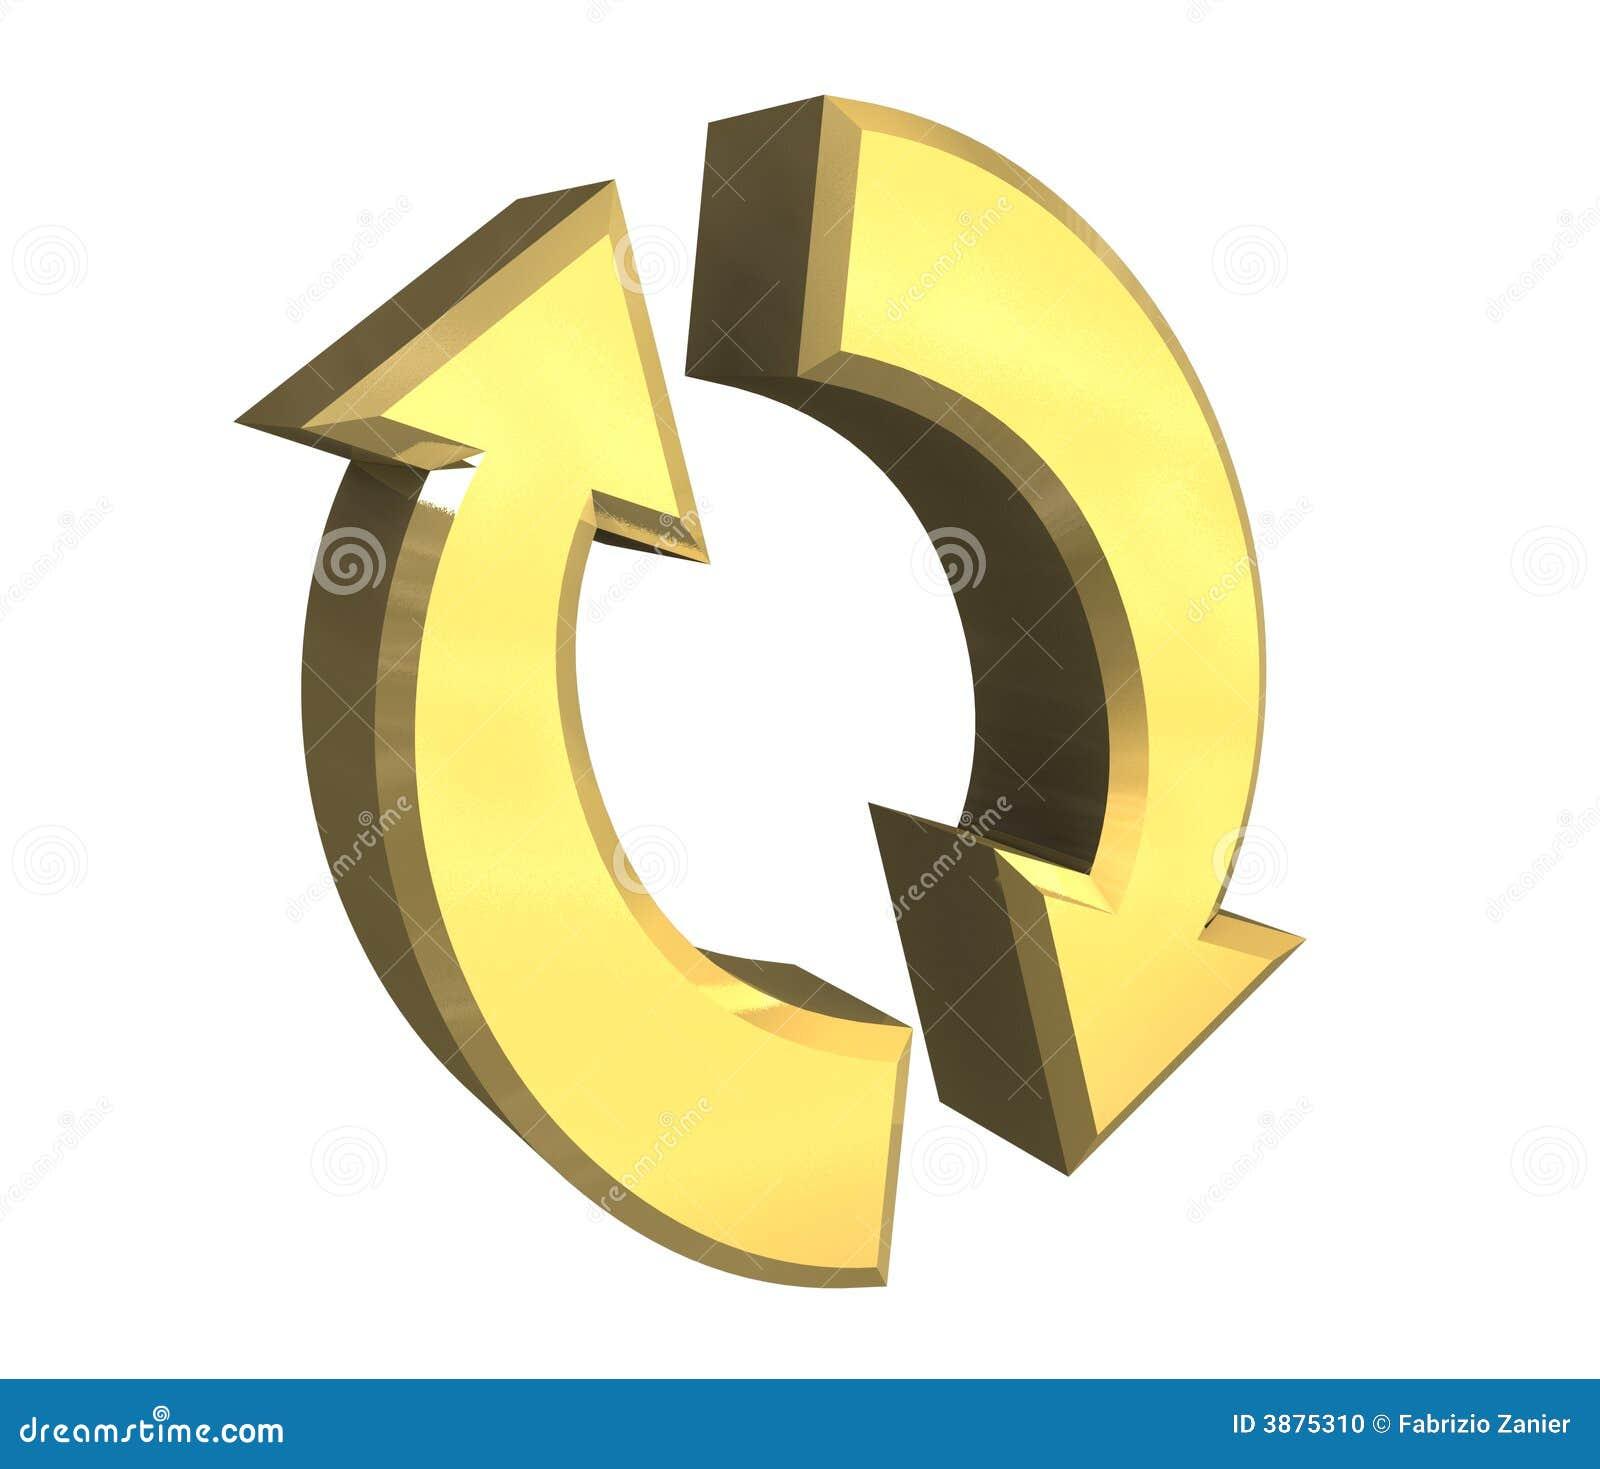 Simbolo delle frecce in oro - 3D